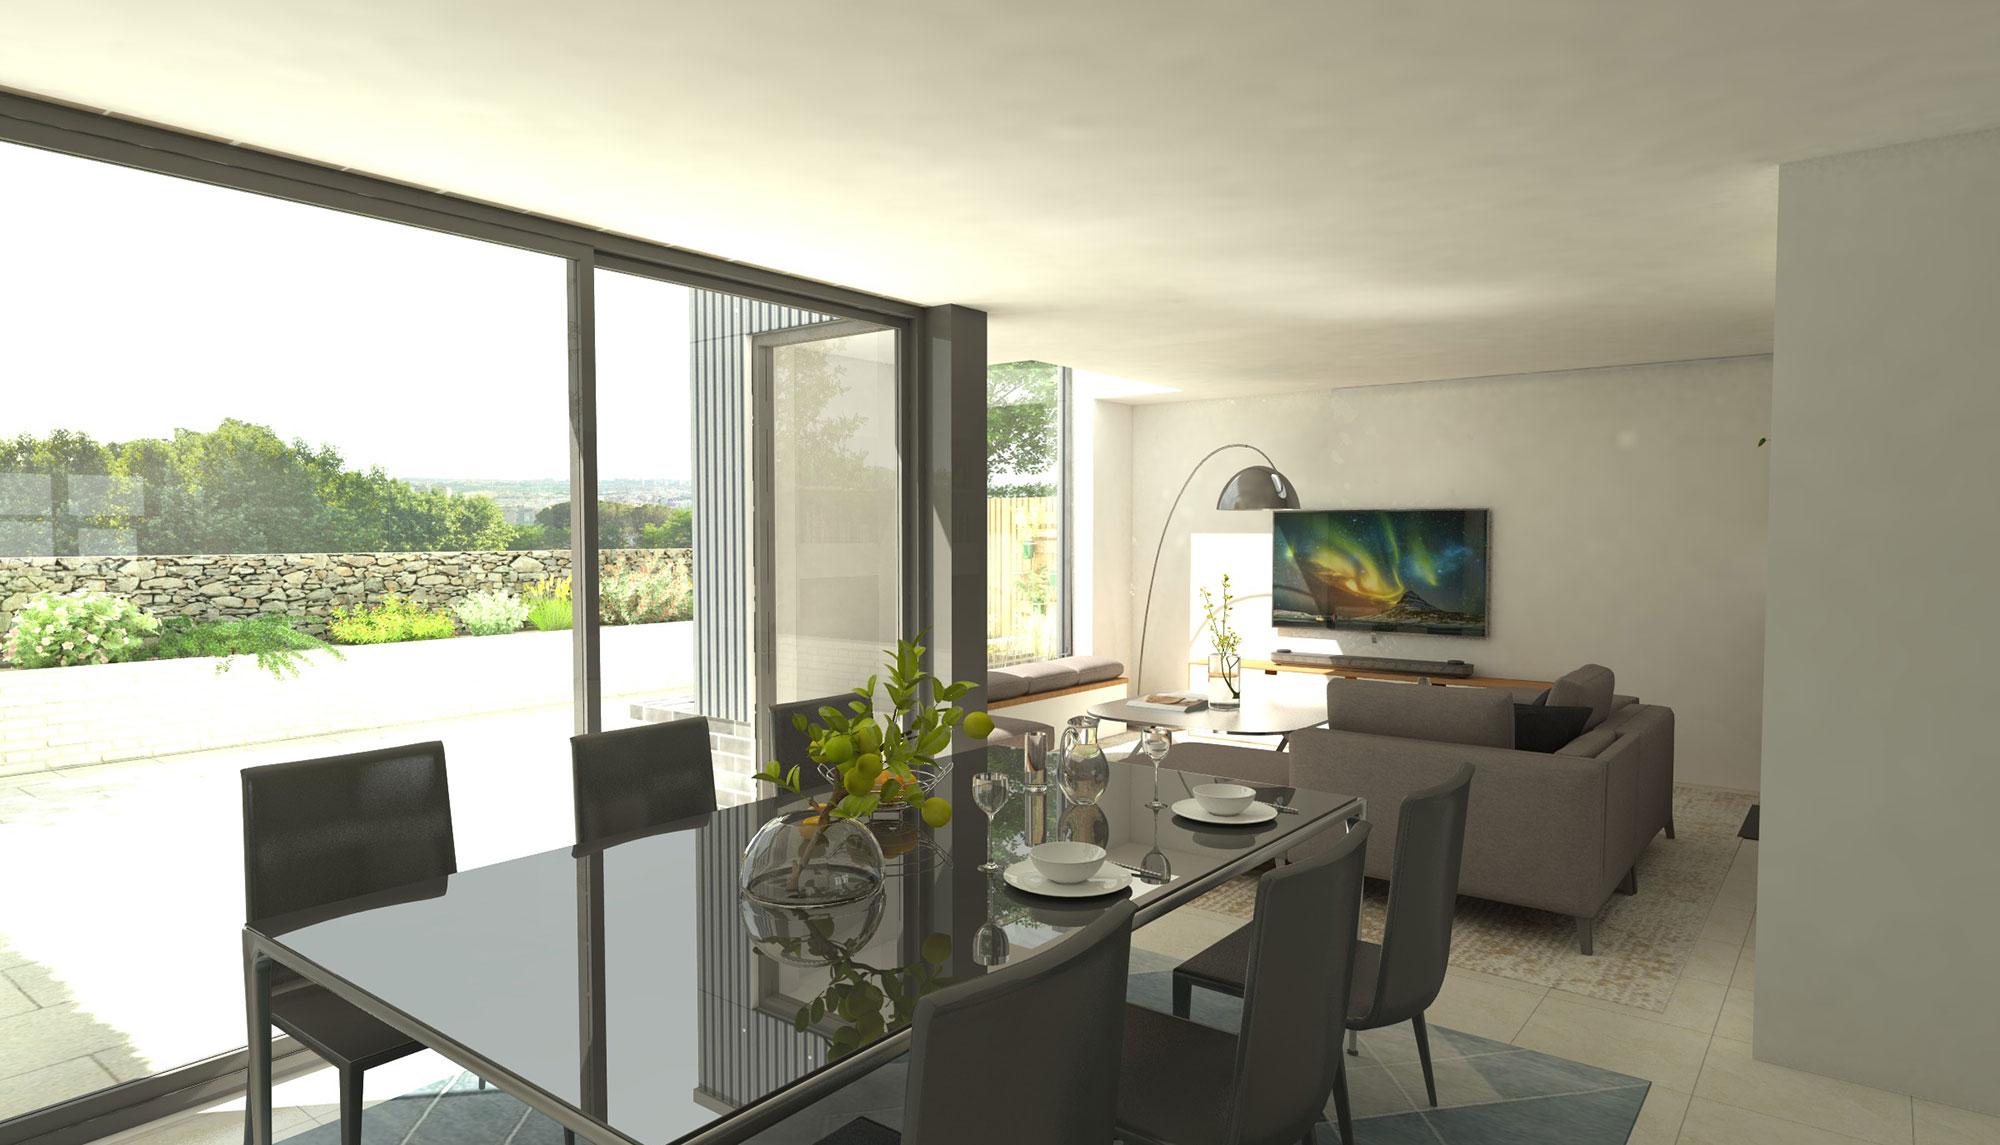 design-development-interior-view-brightman-clarke.jpg